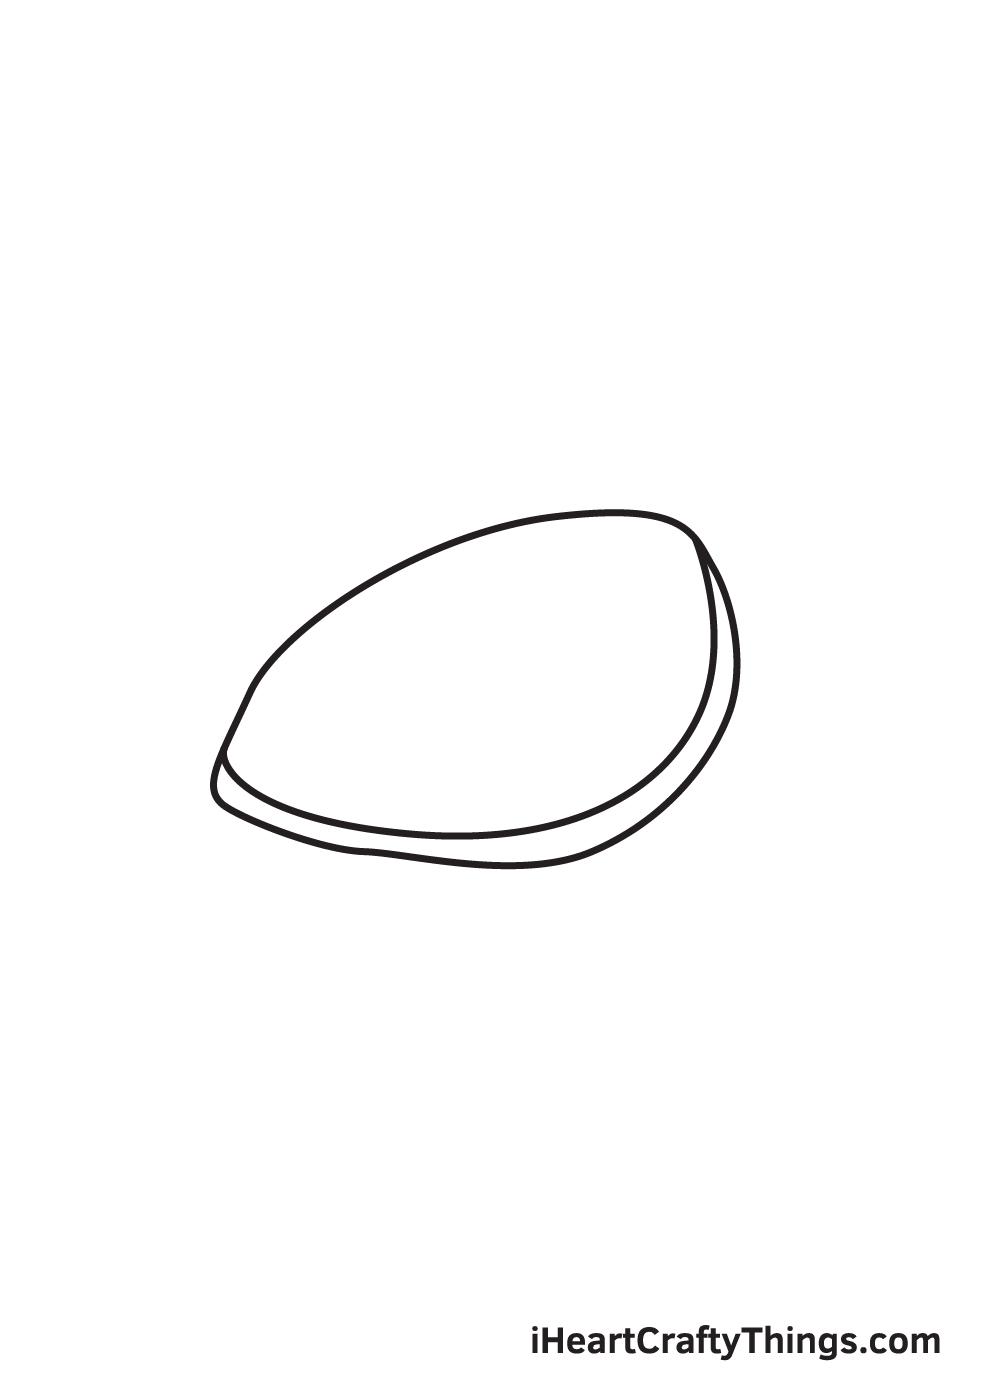 Vẽ rùa biển - Bước 2